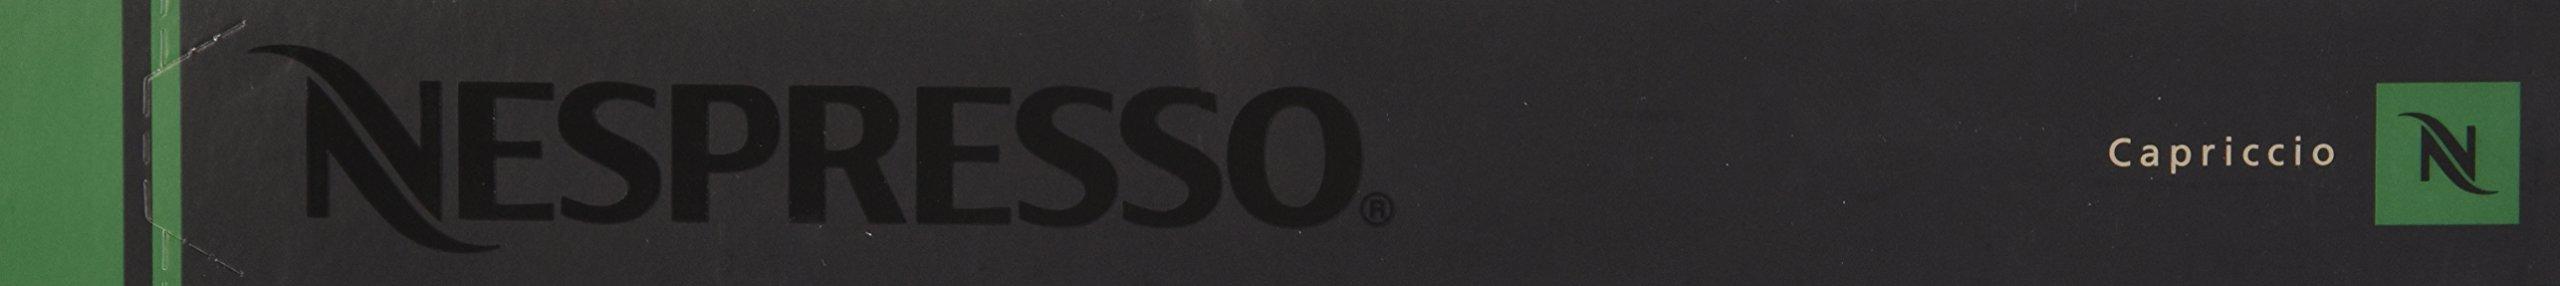 Nespresso Original Espresso coffee pods and capsules (a balanced flavour, cereal coffee with aromas of nutty)